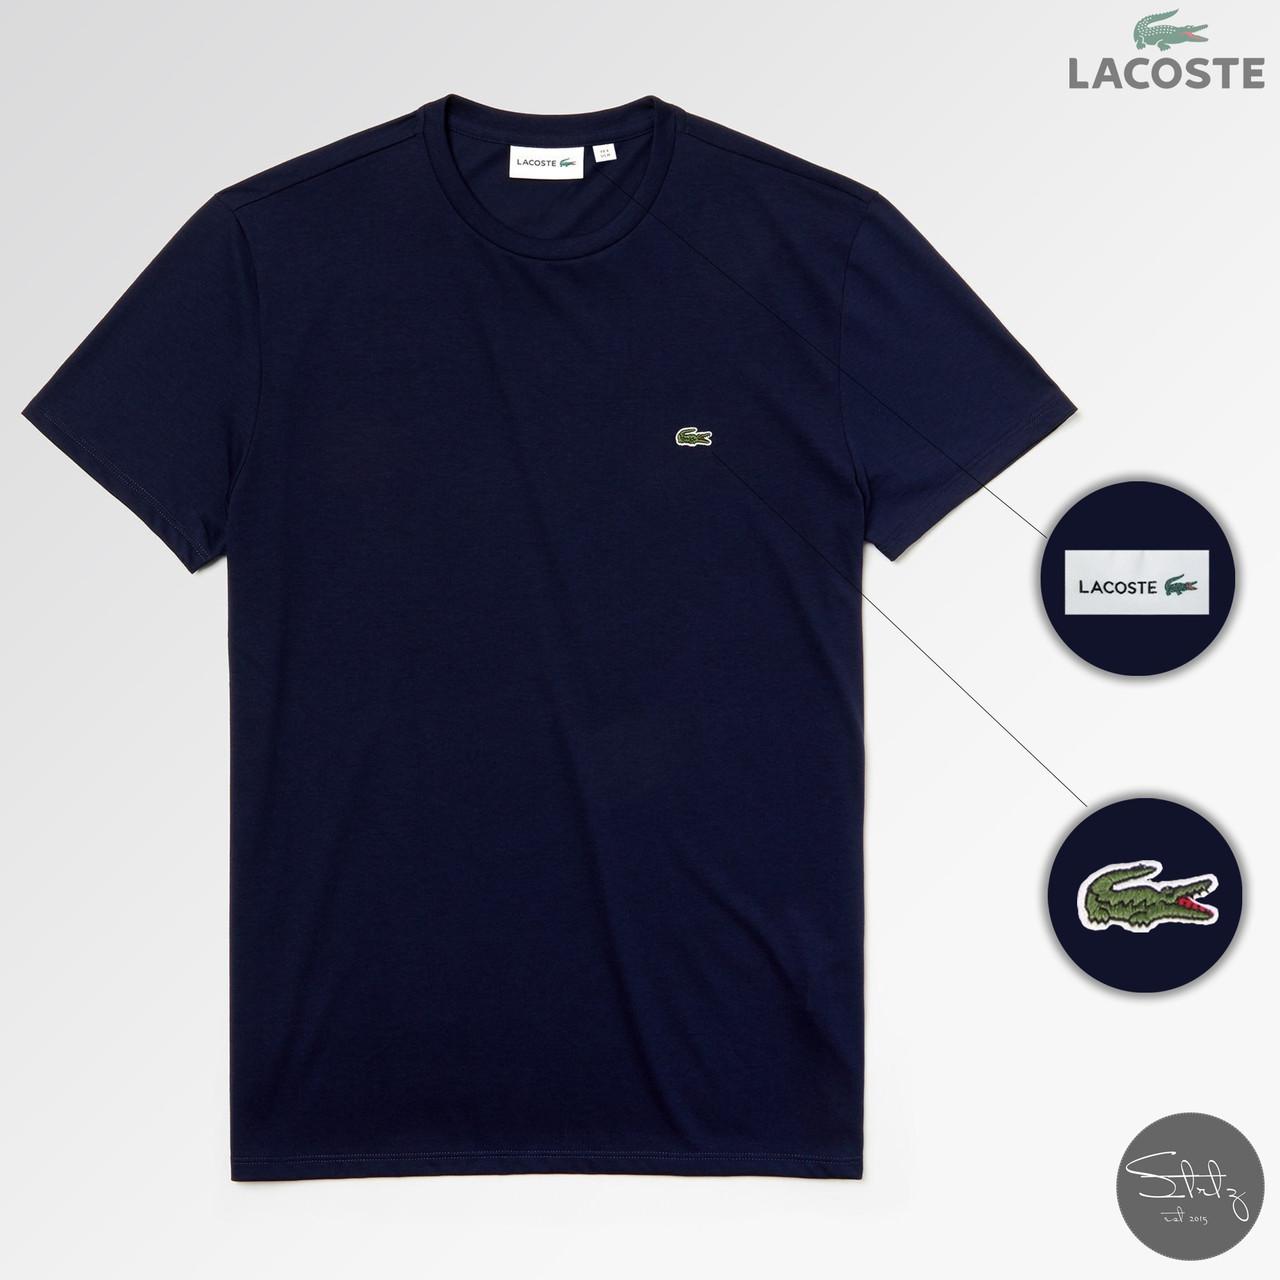 Мужская футболка Lacoste (dark blue), темно-синяя мужская футболка Лакосте